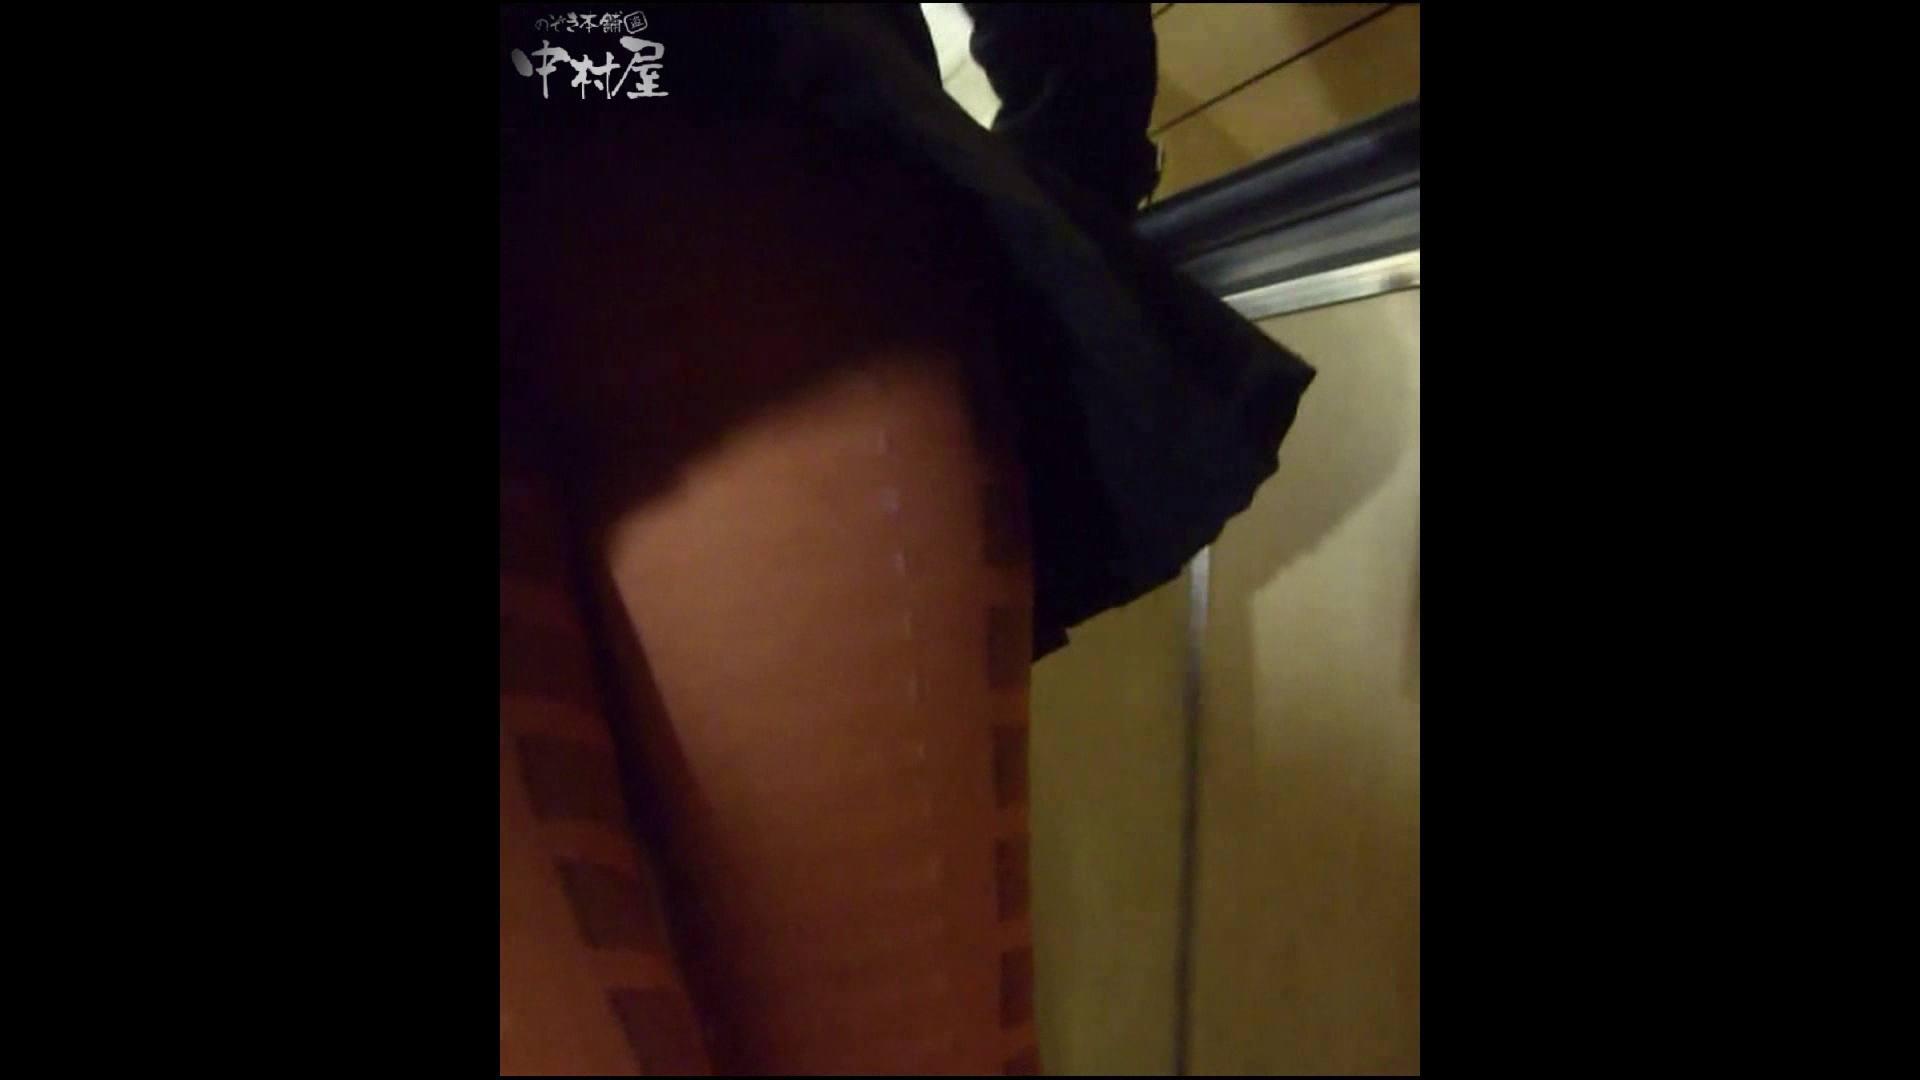 綺麗なモデルさんのスカート捲っちゃおう‼ vol11 OLエロ画像 | お姉さん  61PICs 43